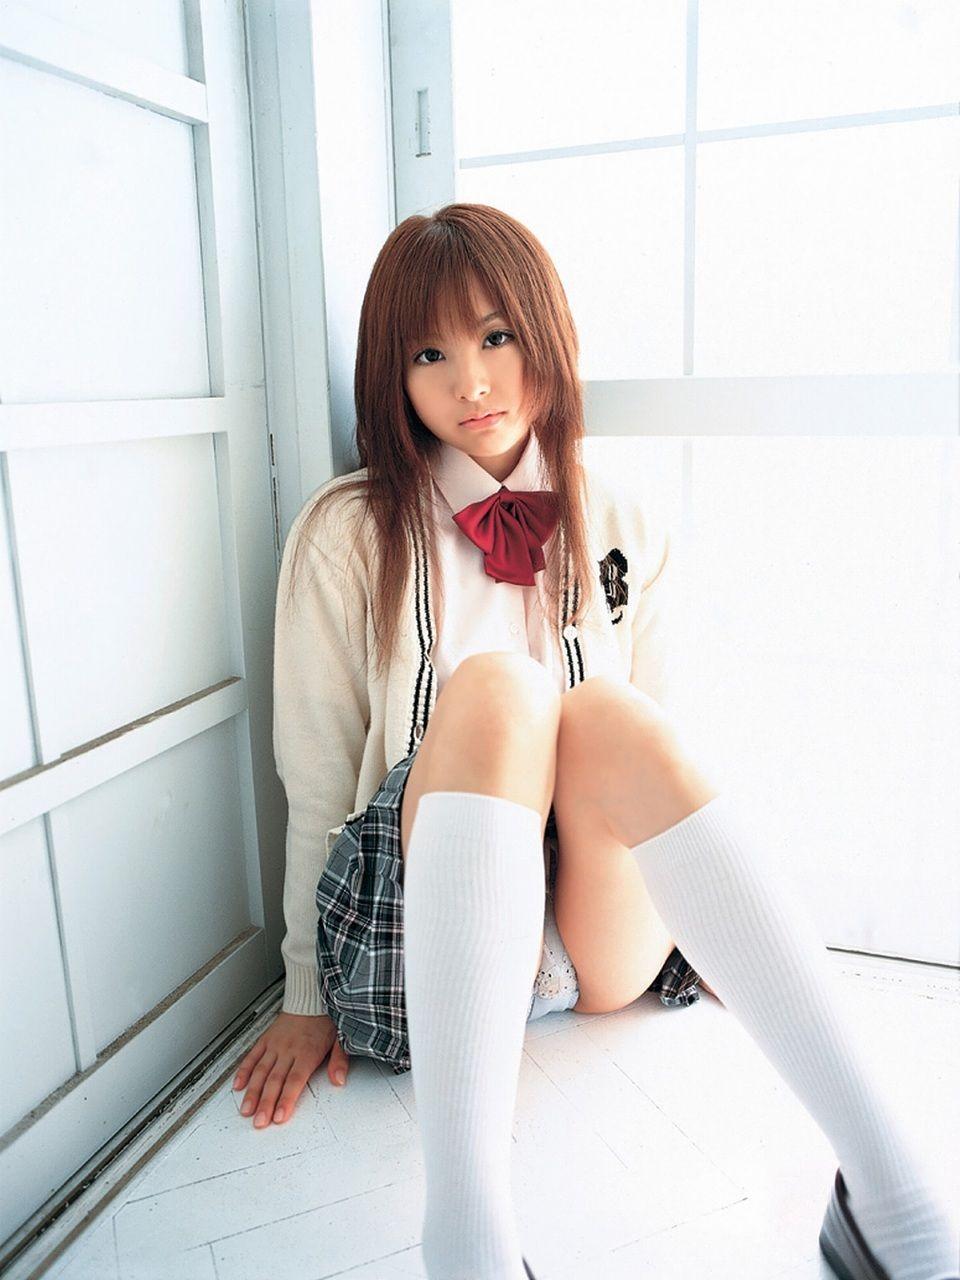 パンチラ JK 美人 女子校生 パンツ エロ画像【24】